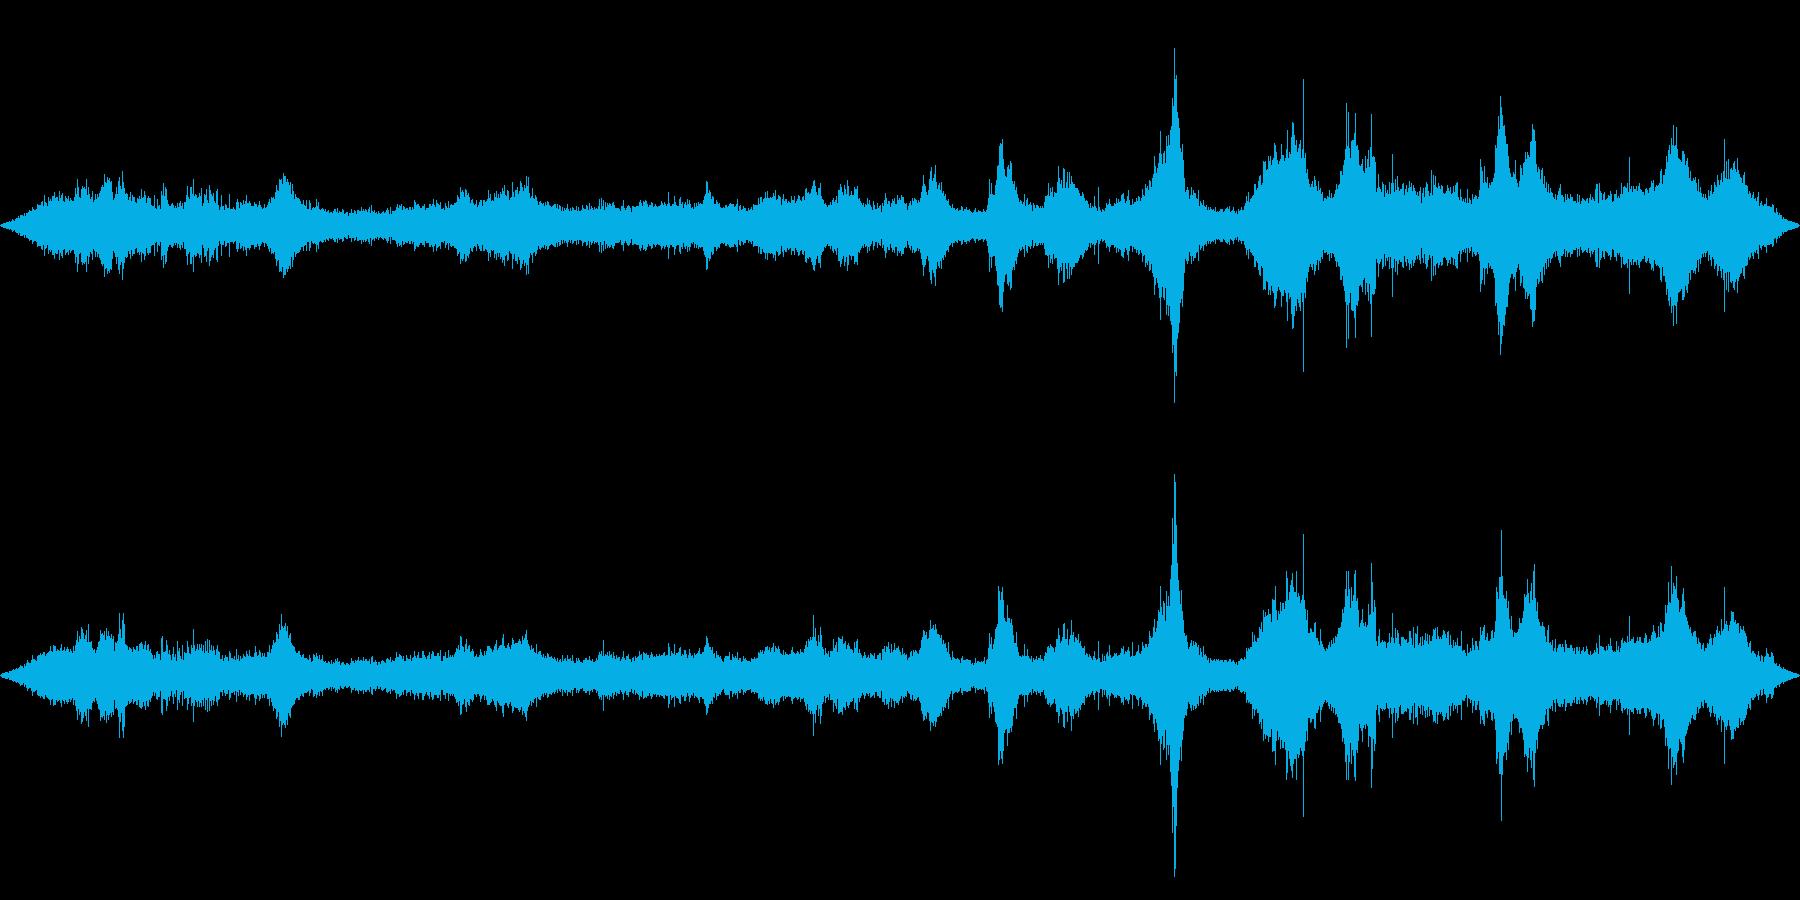 ハワイのビーチの波の音、海の音の再生済みの波形